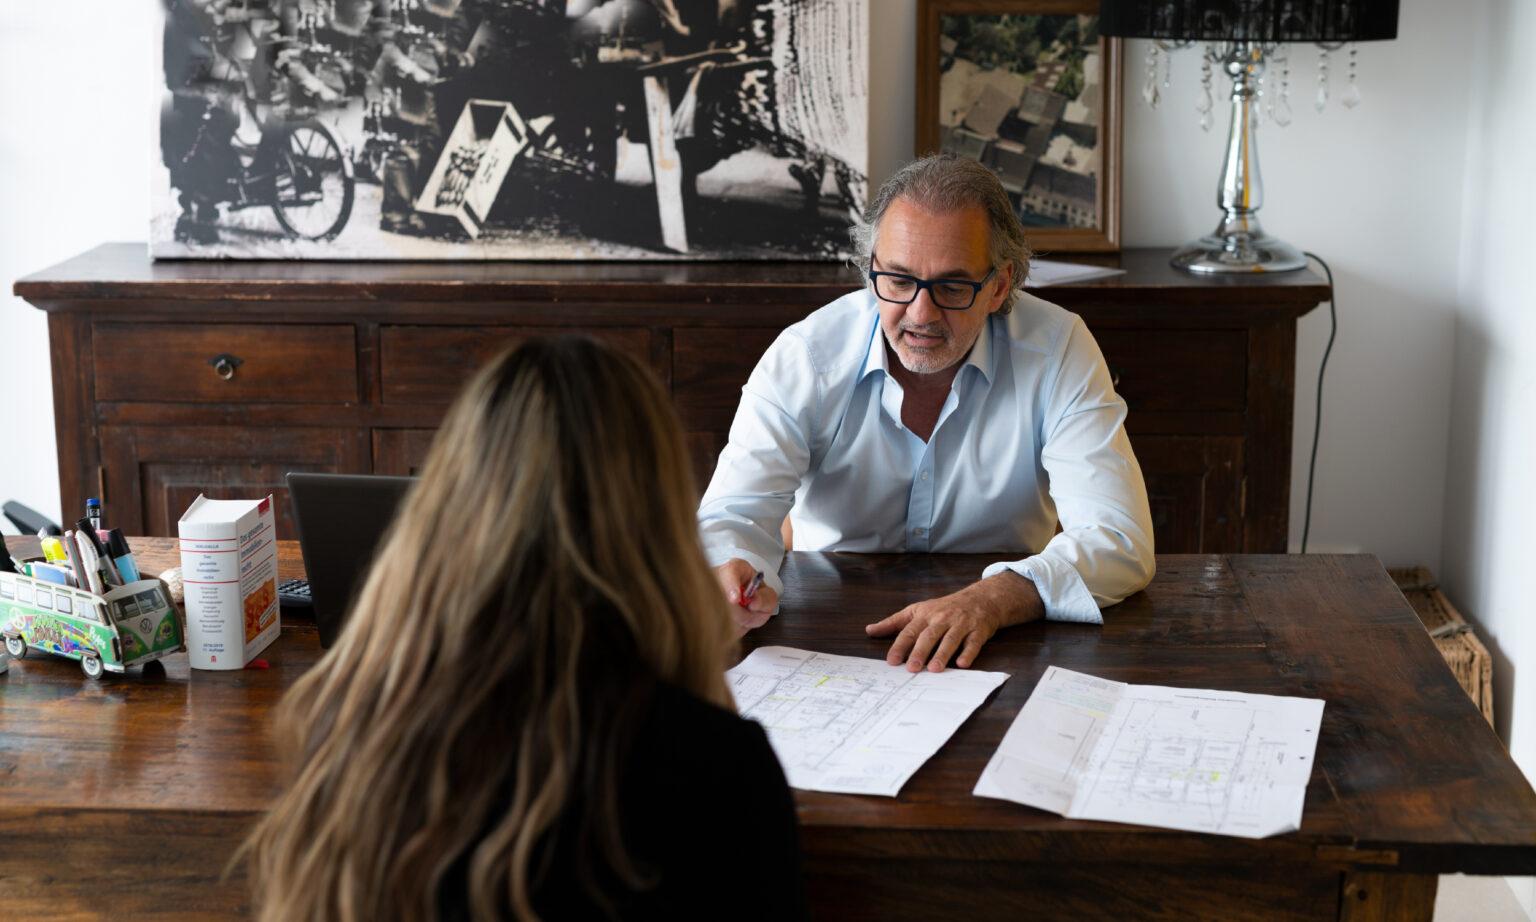 Immobilienmakler im Kundengespräch am Schreibtisch mit Grundrissen